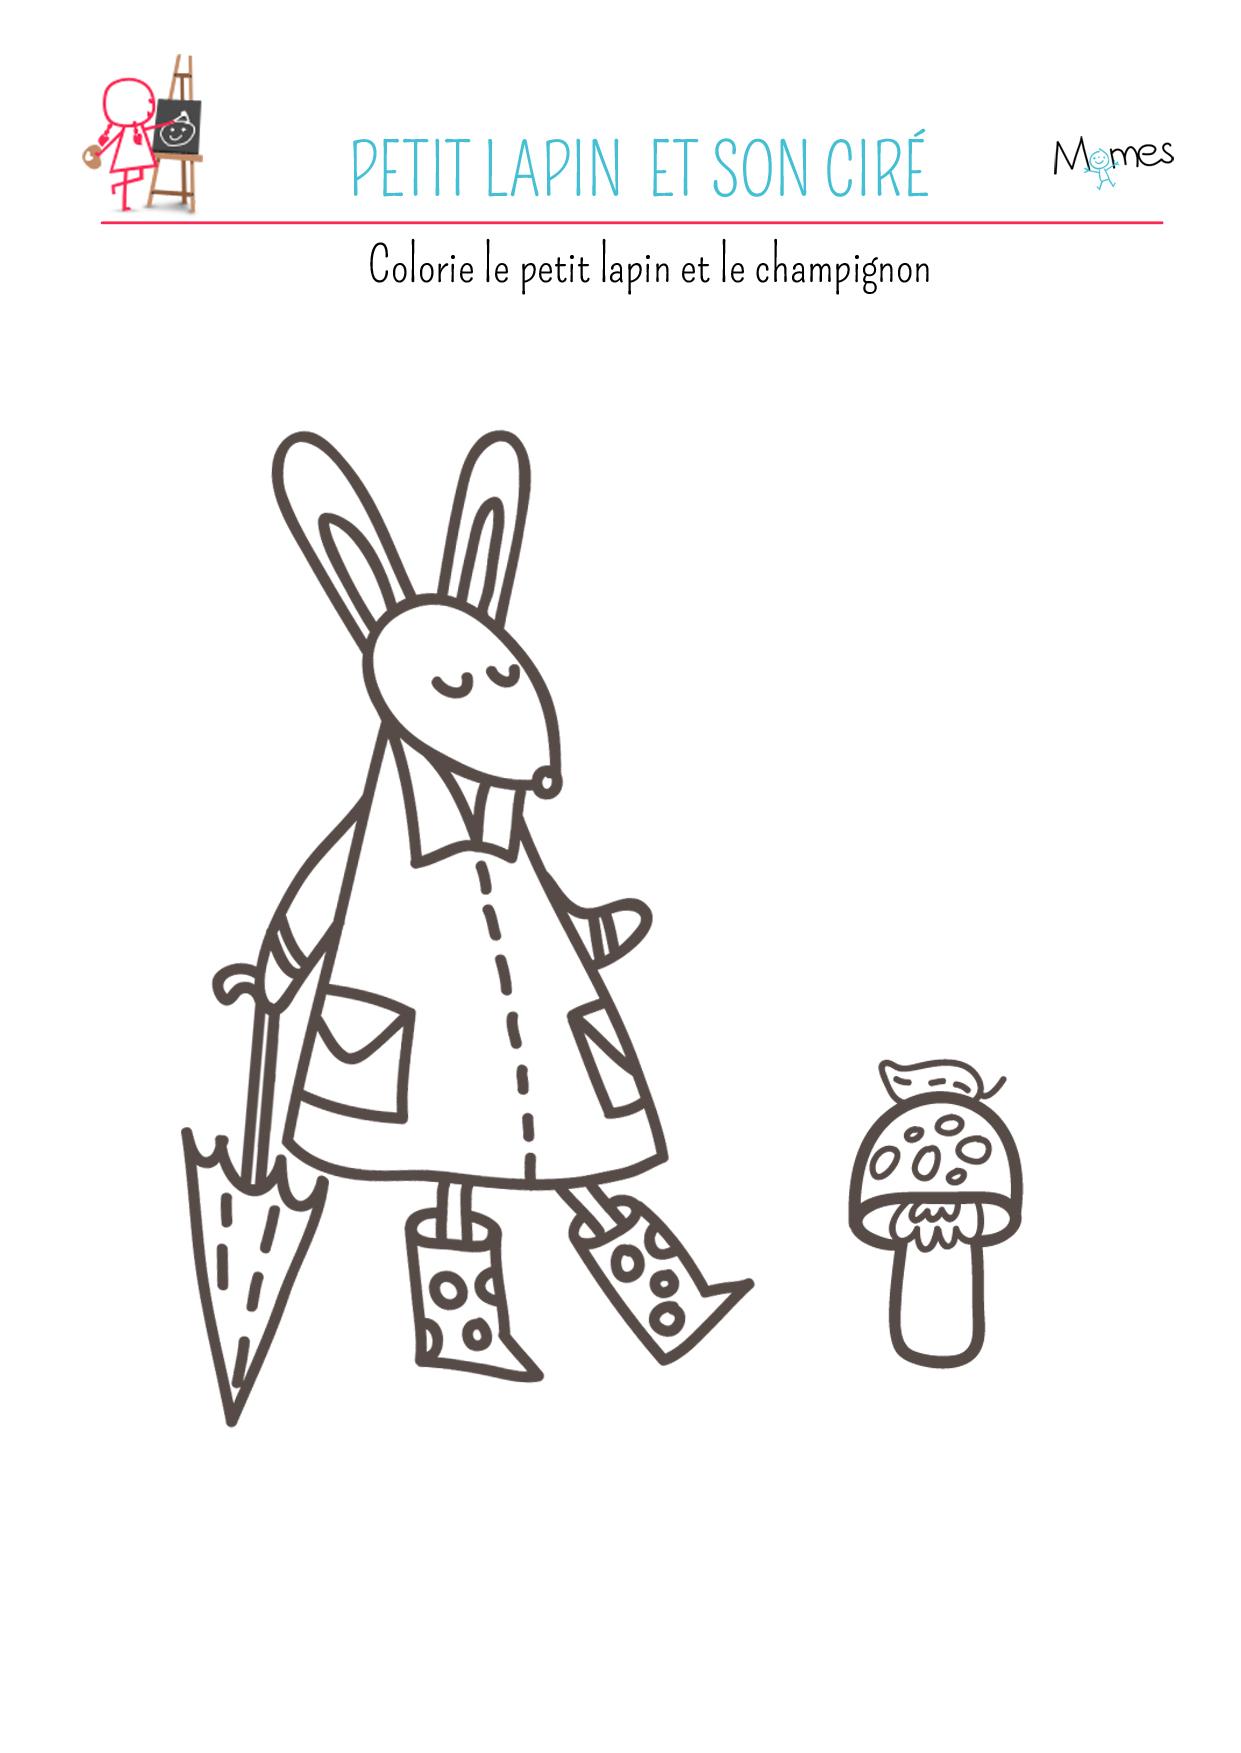 Coloriage le petit lapin et son cir - Coloriage petit lapin ...